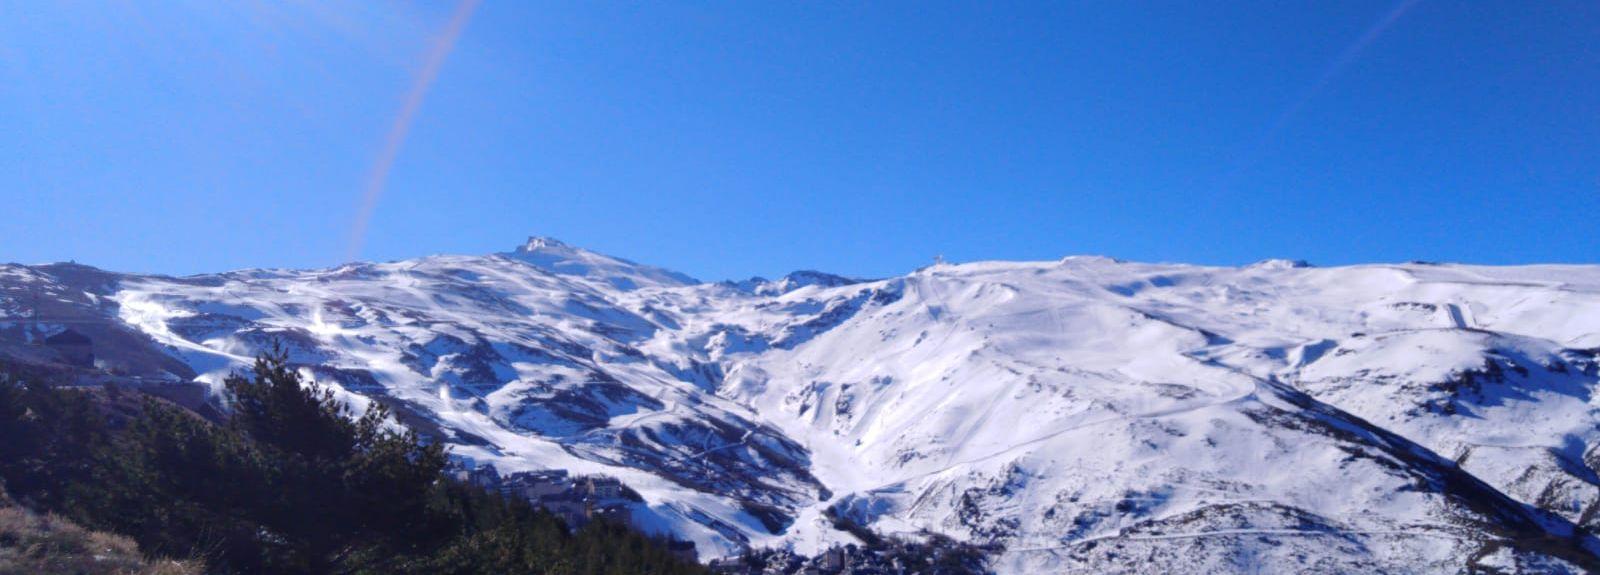 Sierra Nevadan hiihtokeskus, Andalusia, Espanja